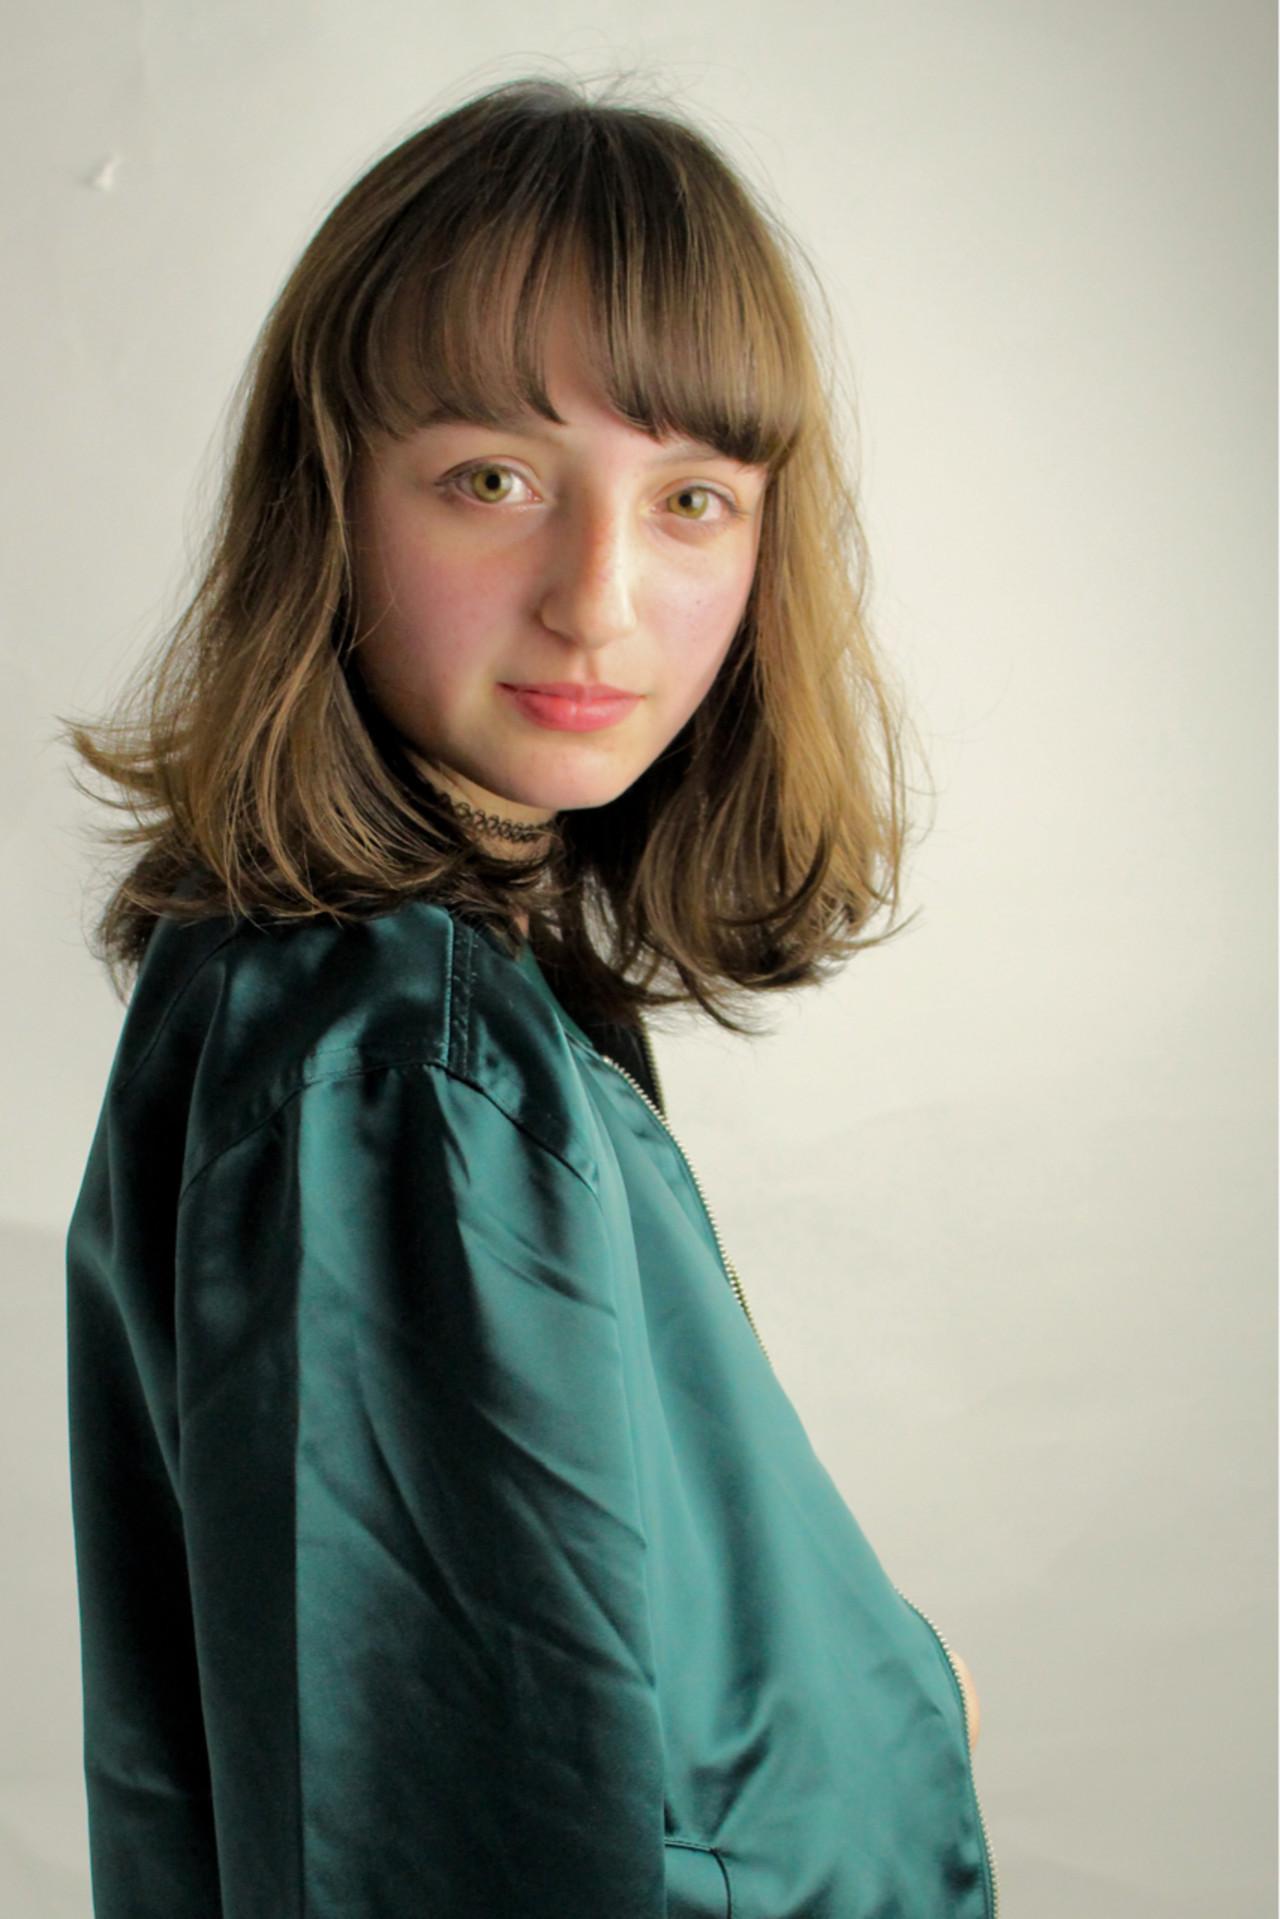 フェミニン ボブ ベース型 ストリート ヘアスタイルや髪型の写真・画像